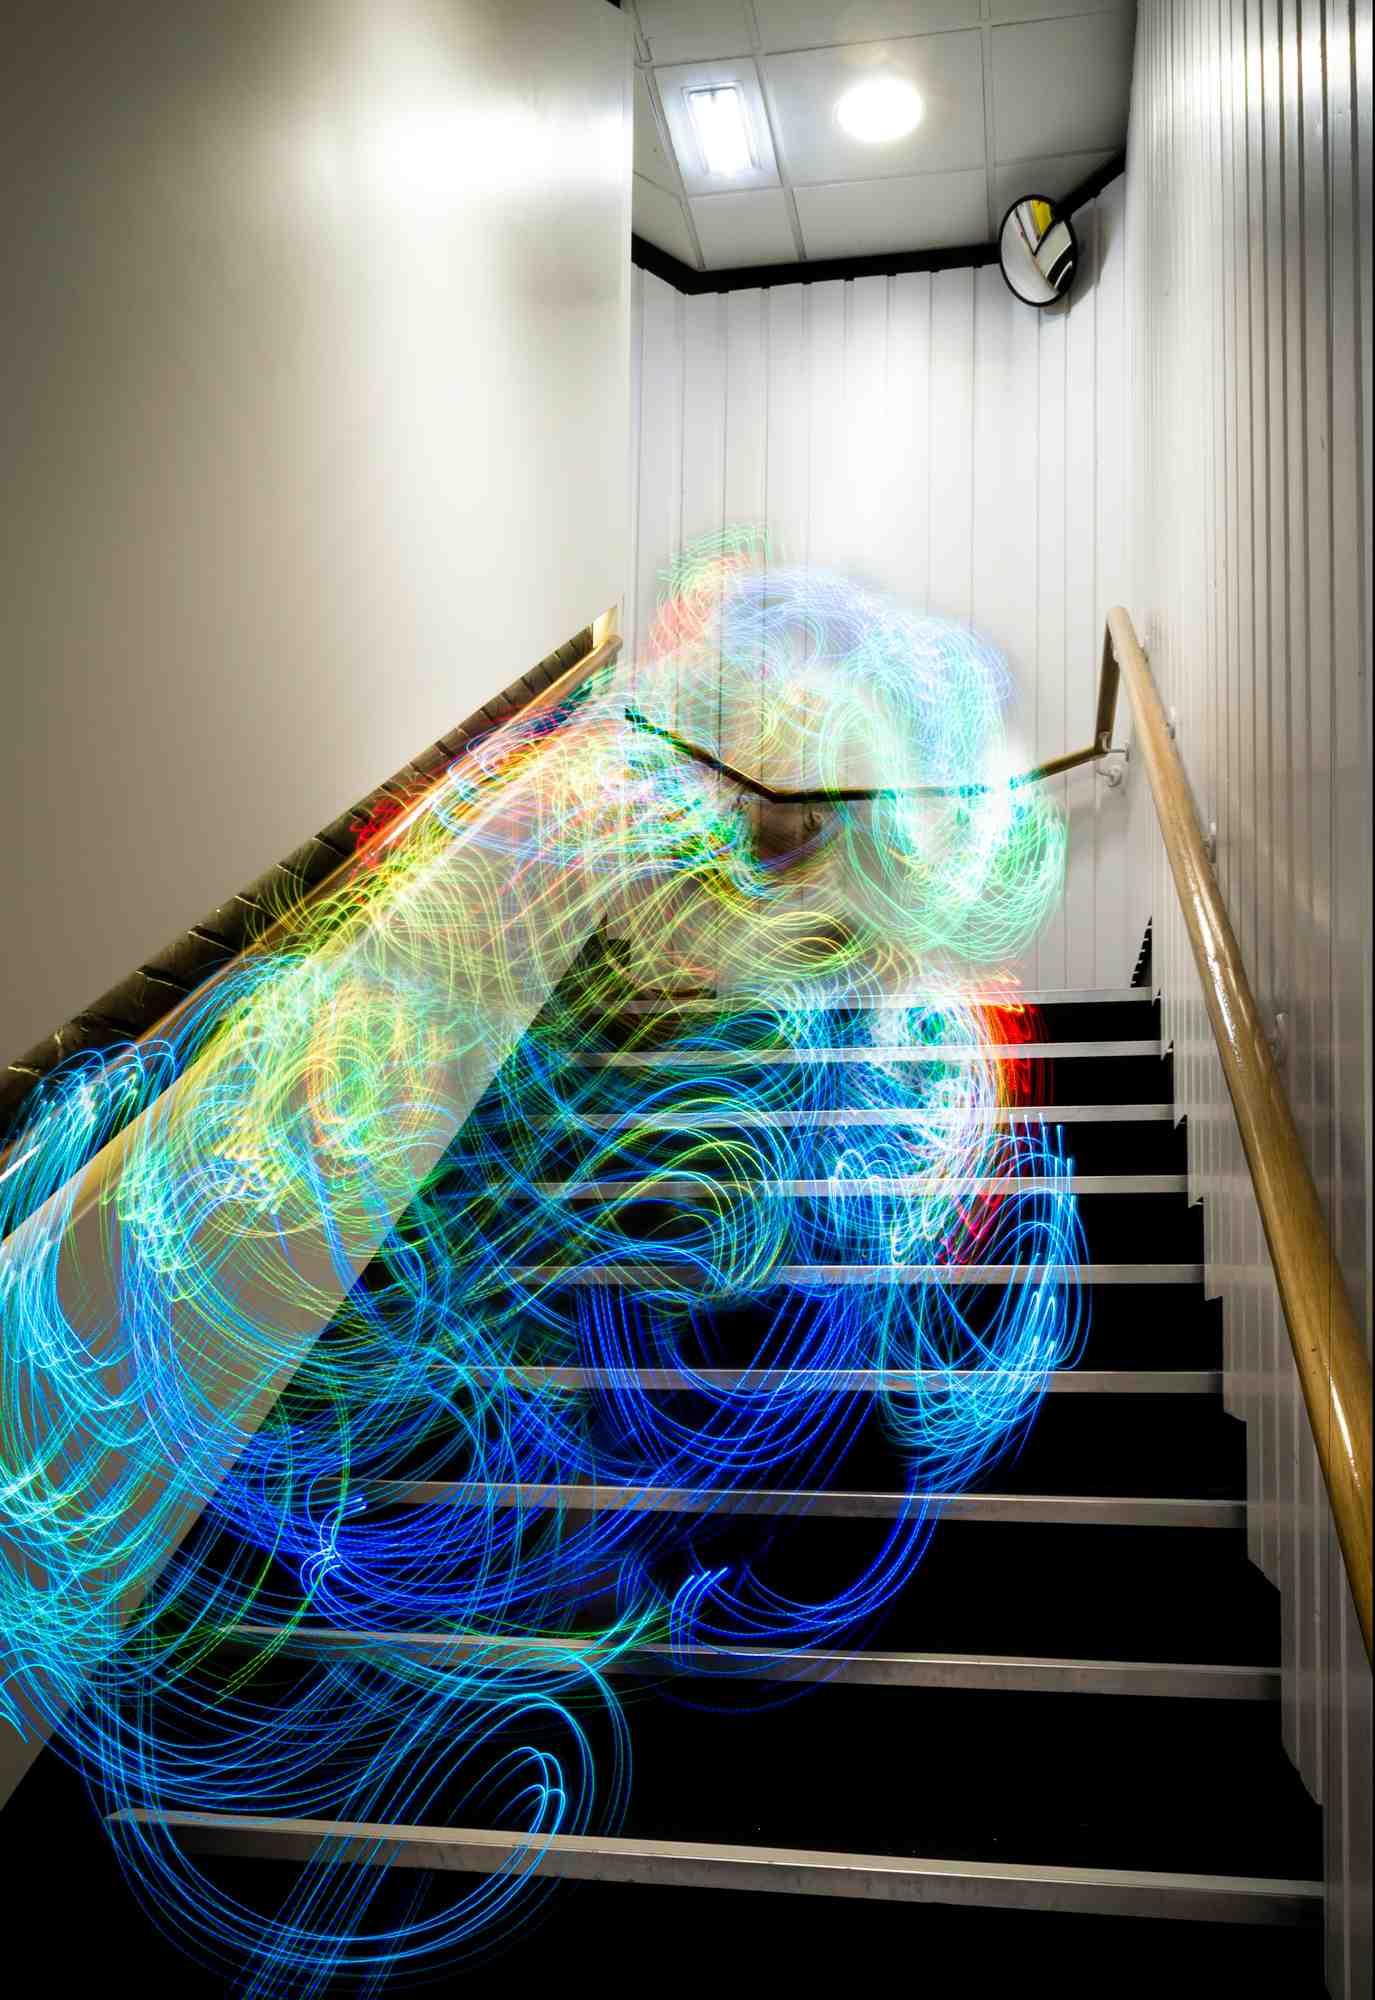 wifi radiation image staircase electricsense